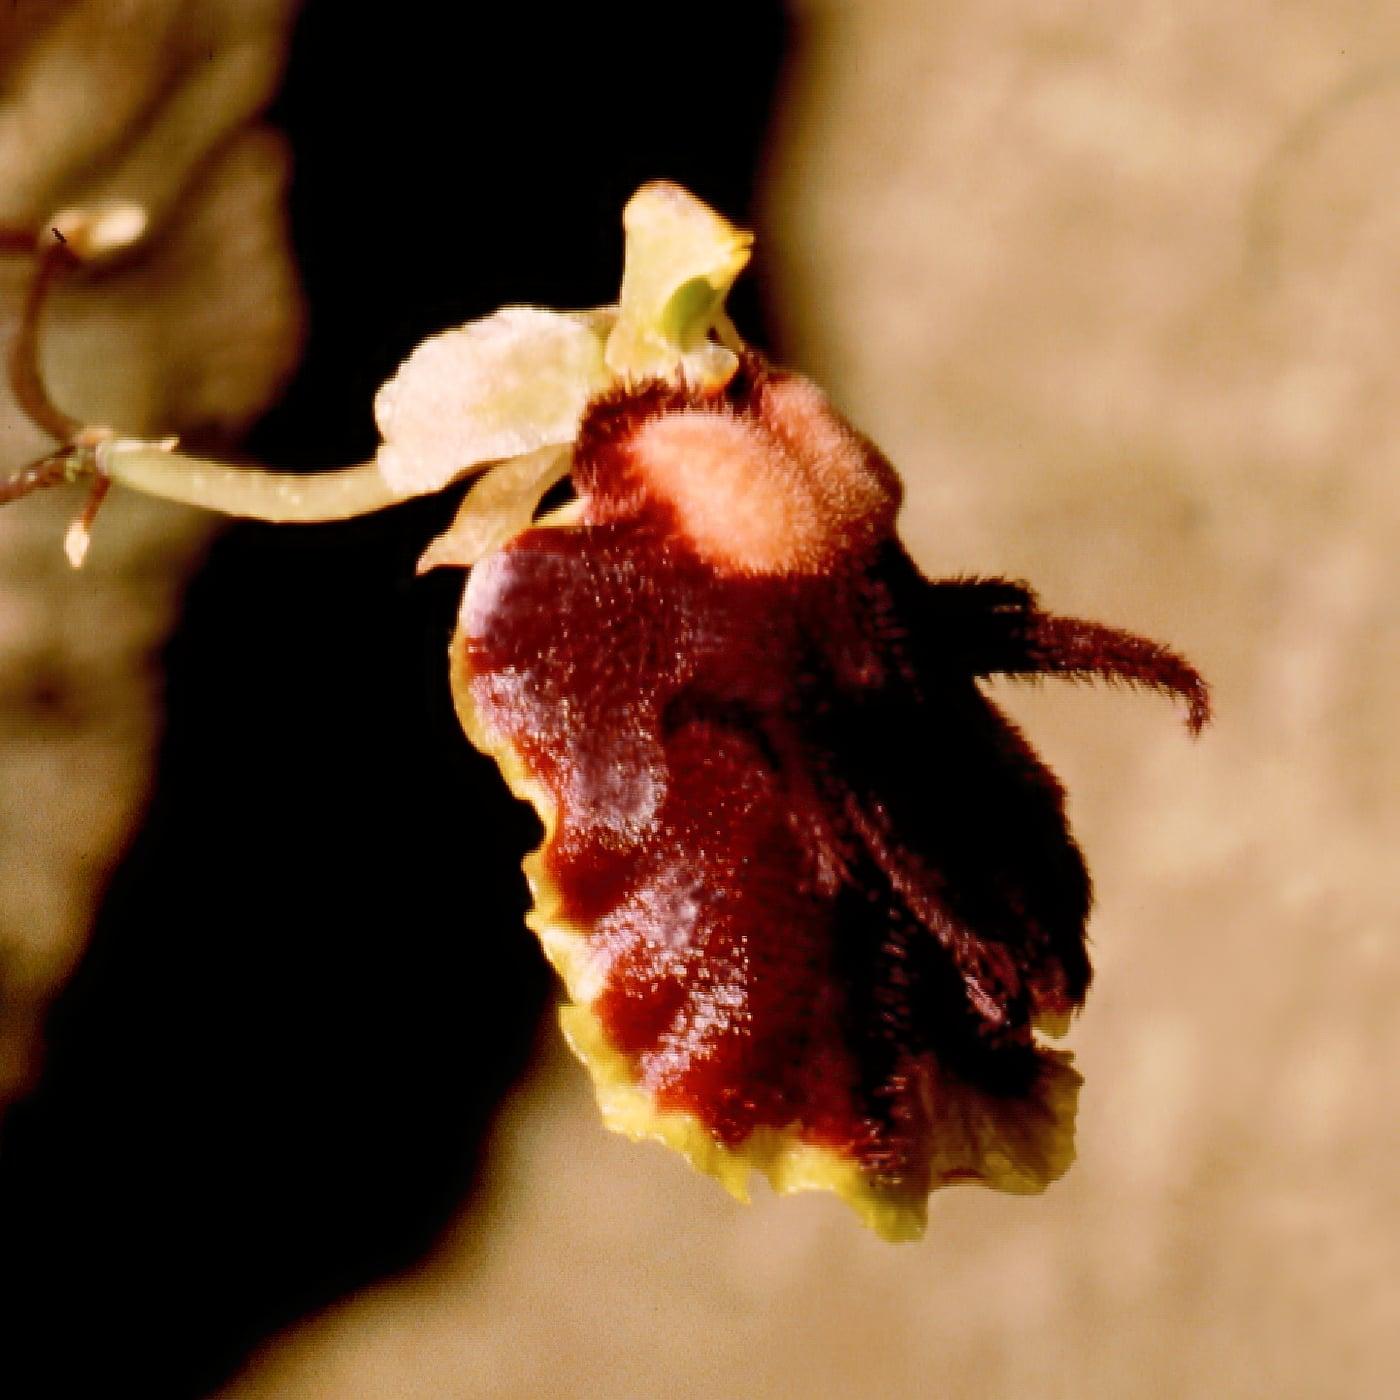 La Tolumnia henekenii es un tipo de orquídea negra